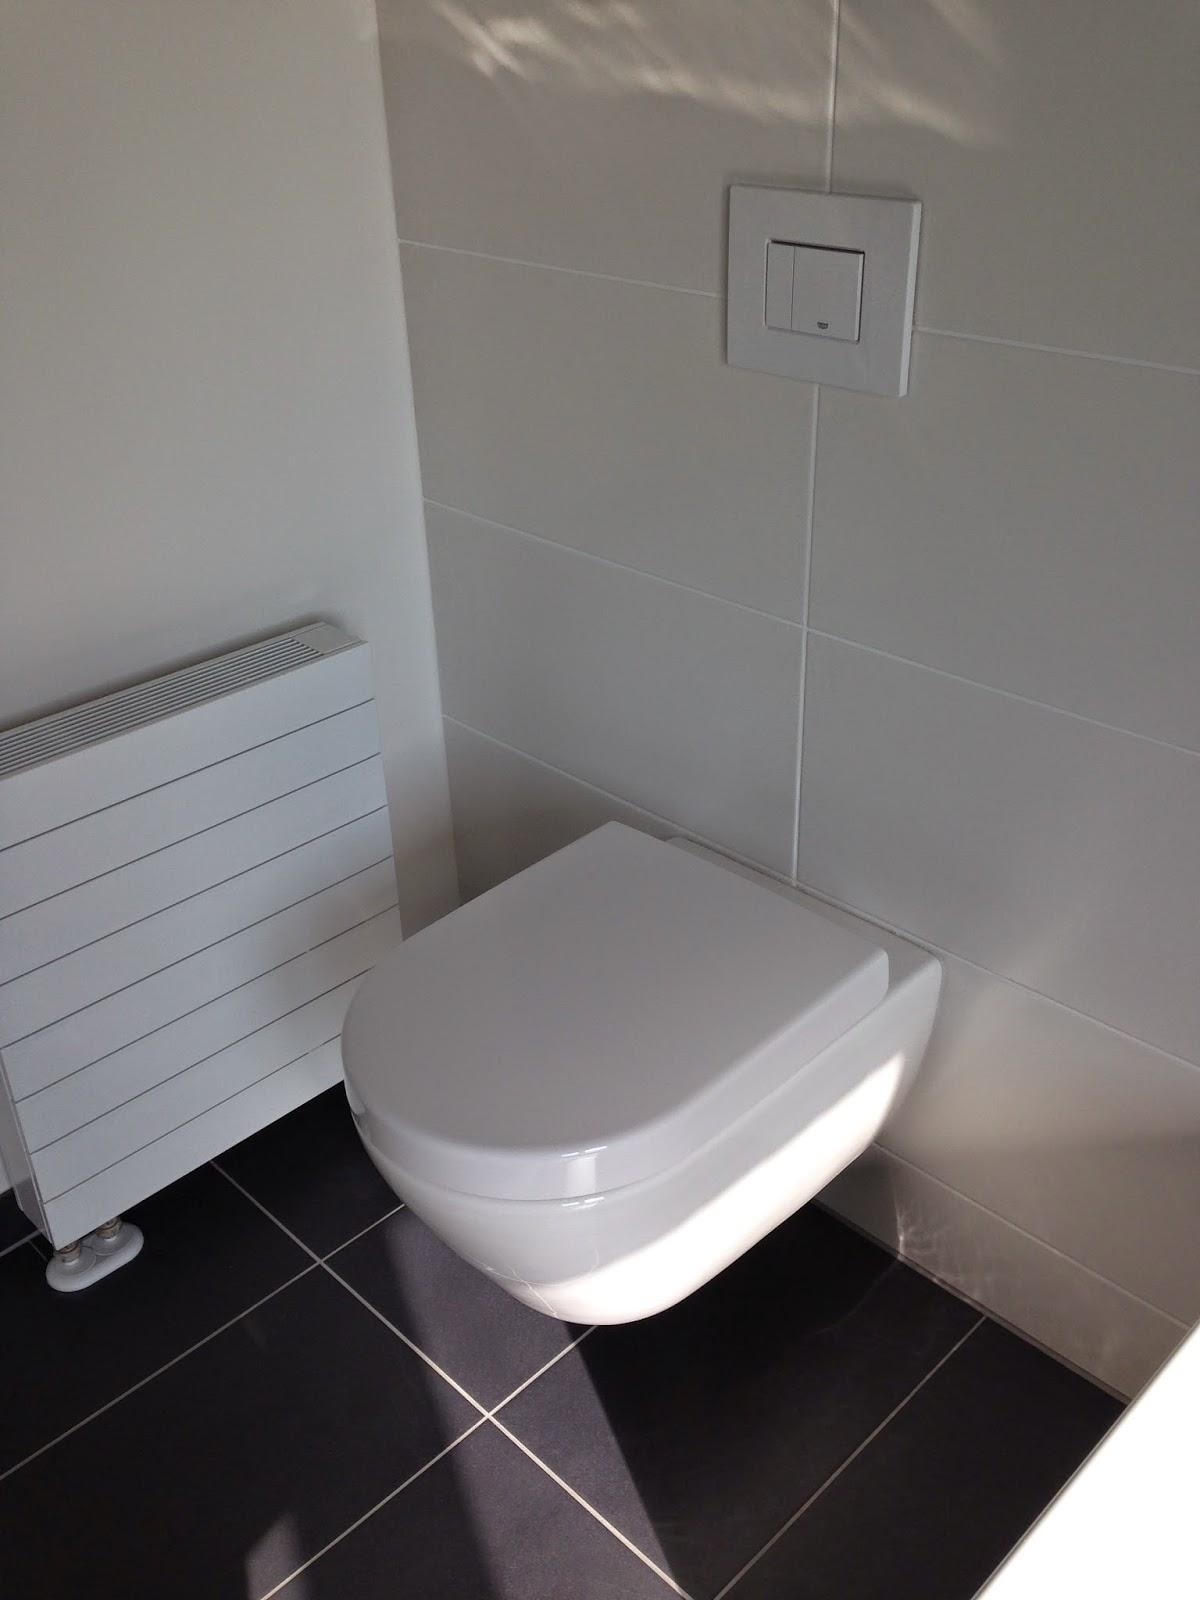 viebrock v1 von maike und ren endinstallation sanit r. Black Bedroom Furniture Sets. Home Design Ideas